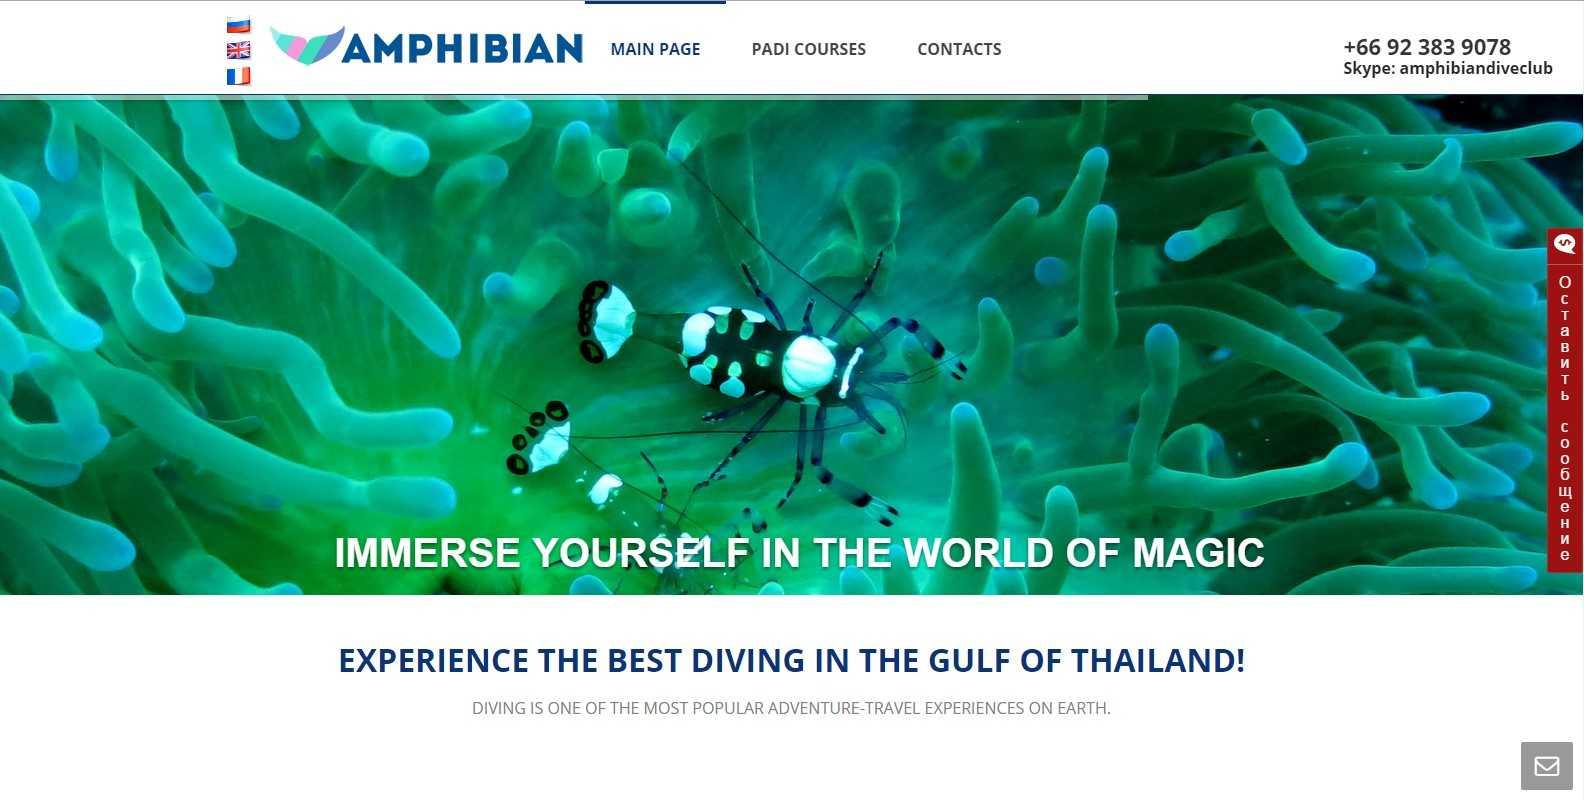 Поддержка WEB-сайта Amphibian Dive Club www.amphibiandiveclub.com